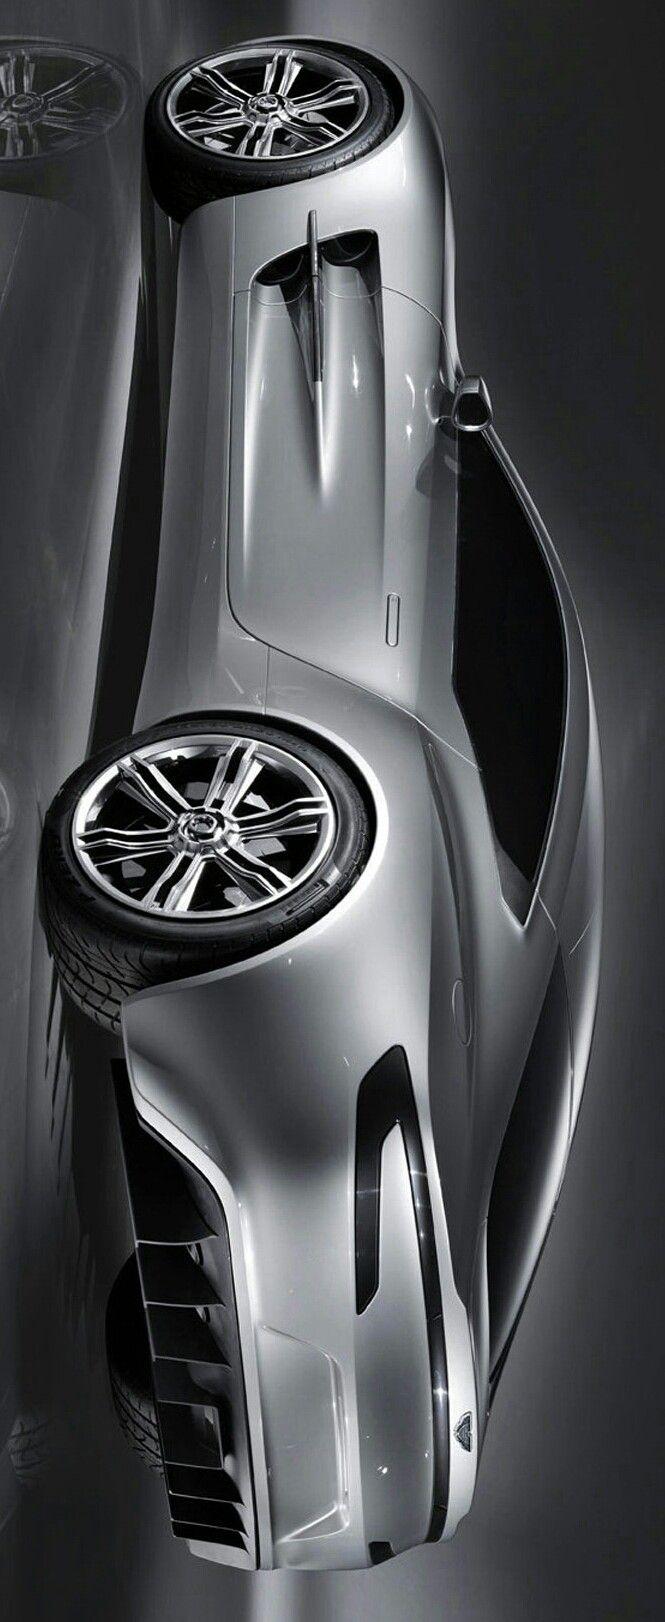 Aston Martin One -77 by Levon